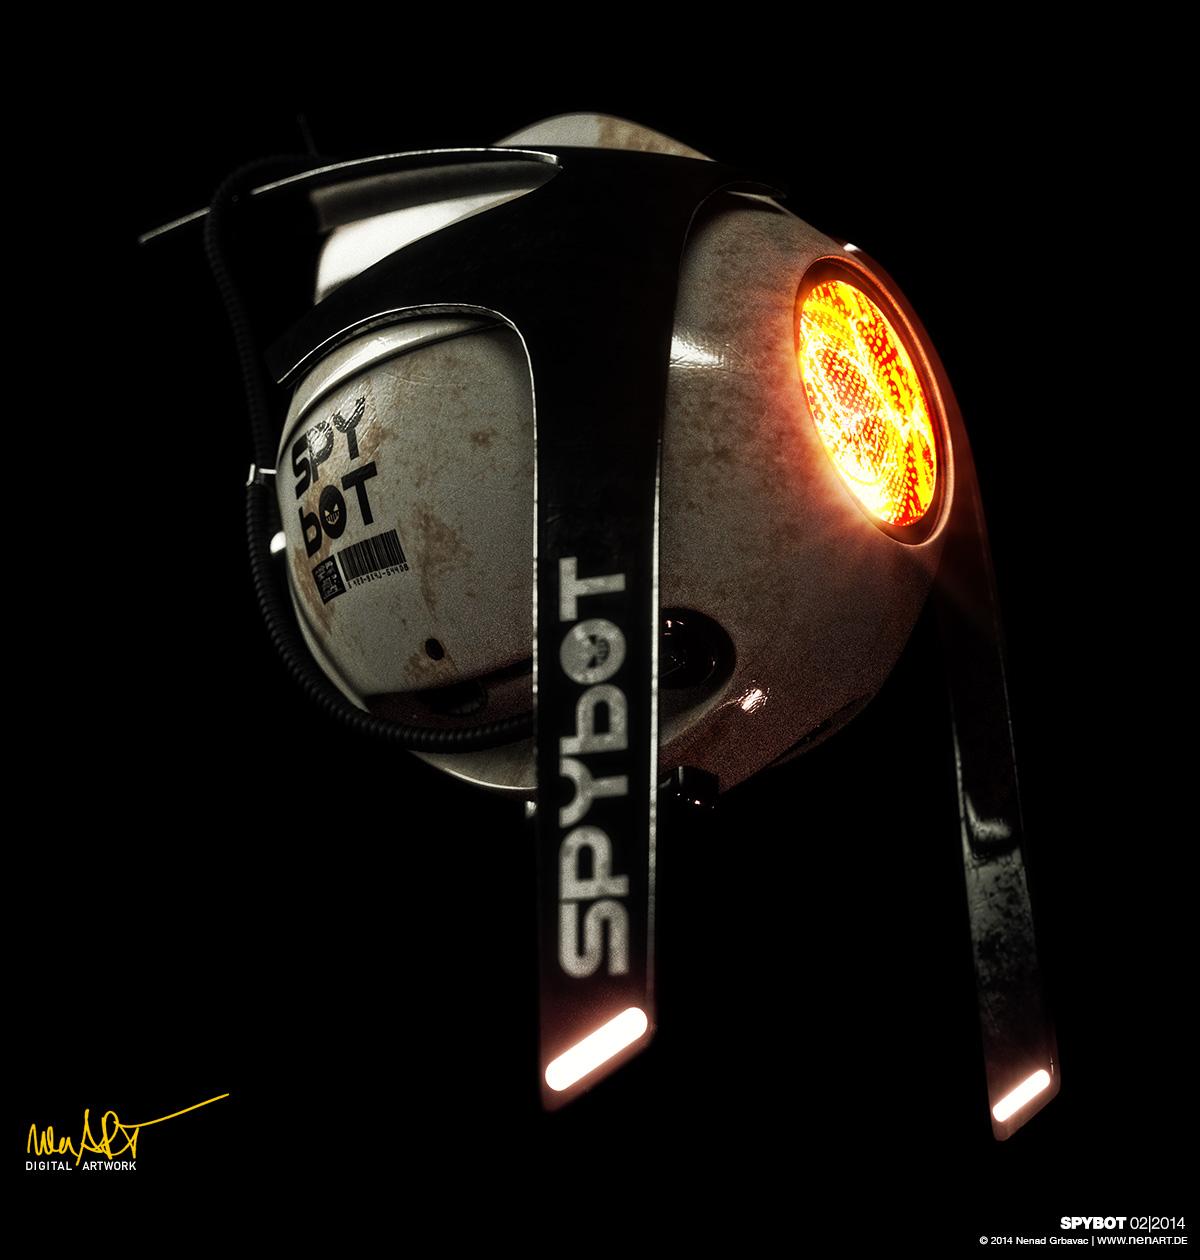 DA_-_Spybot_1200x1200